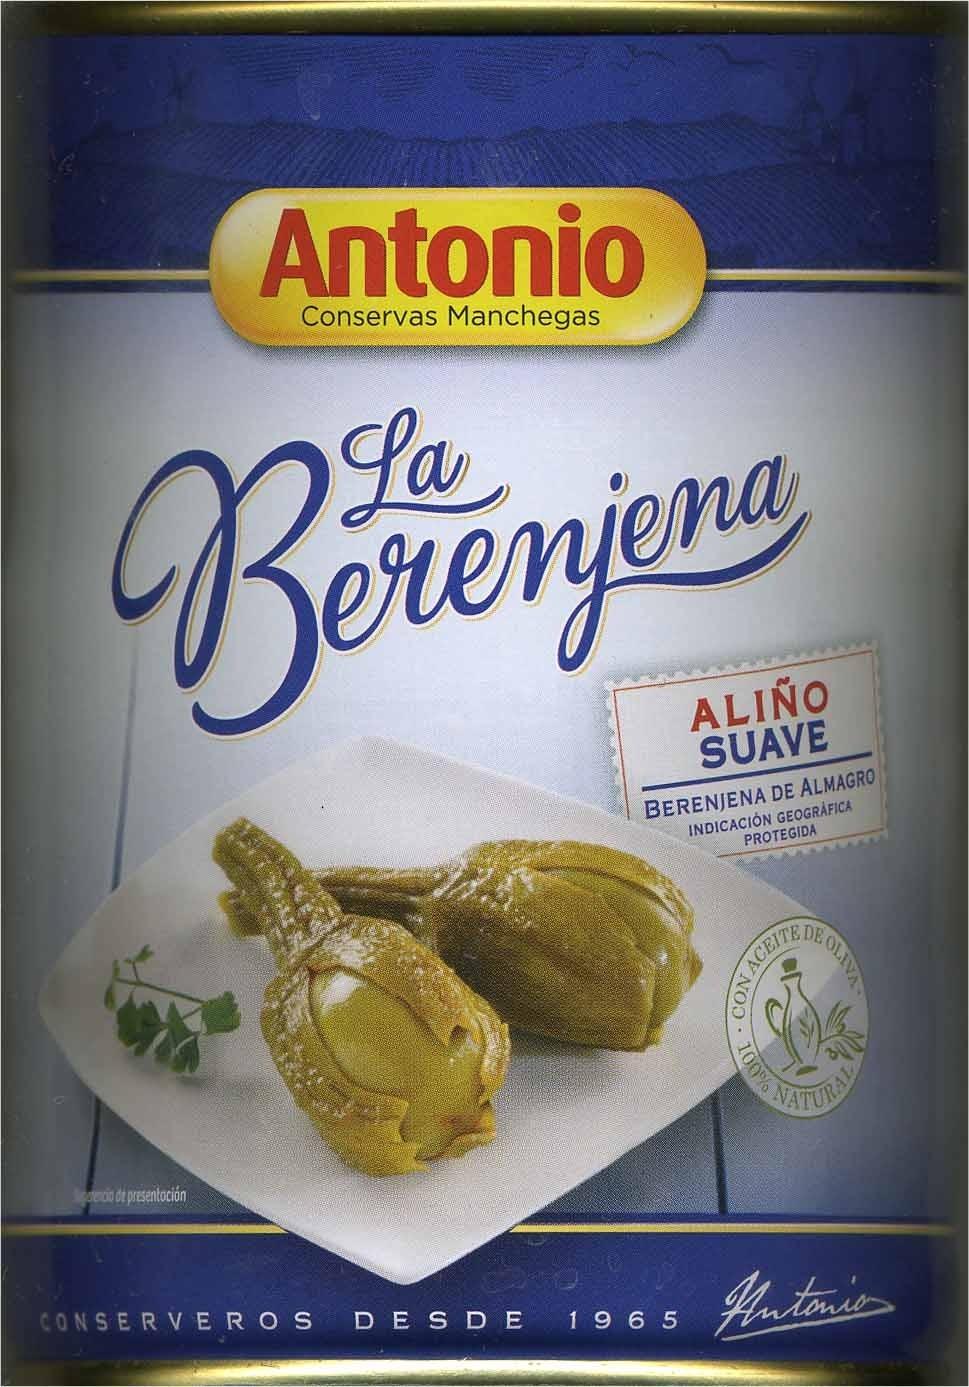 Berenjenas de Almagro con aliño suave lata 420 g - Producto - es